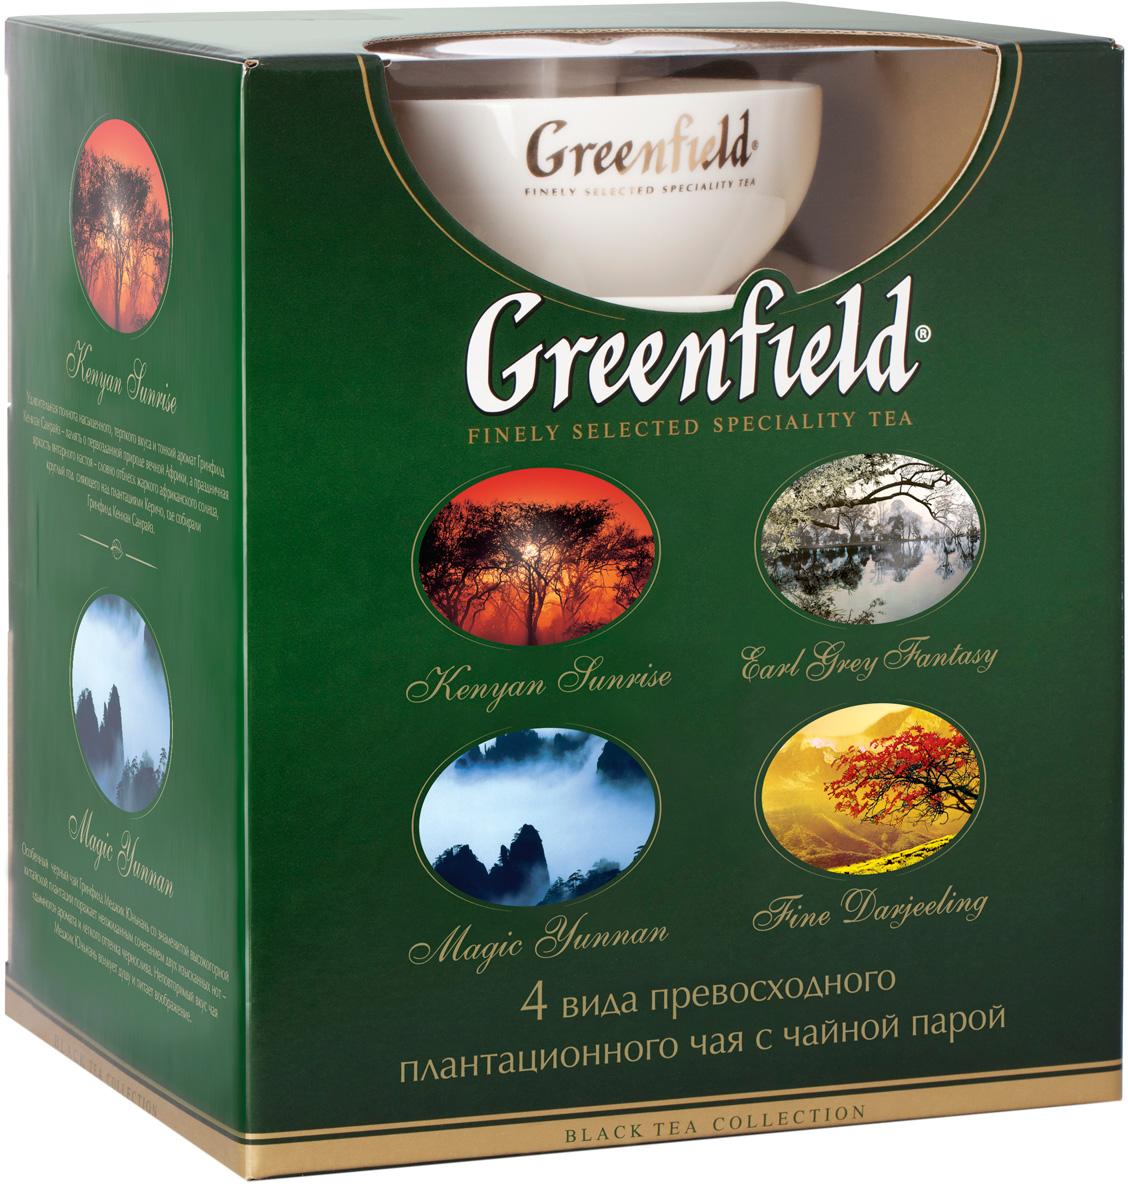 Greenfield Подарочный набор чая в пакетиках, 4 вида по 25 шт + чайная пара1186-03Набор Коллекция превосходного чая Greenfield с чайной парой.В набор входят 4 чая Greenfield в пакетиках:- Greenfield Kenyan Sunrise, 25 пак- Greenfield Magic Yunnan, 25 пак- Greenfield Earl Grey, 25 пак- Greenfield Fine Darjeeling, 25 пак.В подарок : чайная пара - чашка с блюдцем с логотипом Greenfield.Всё о чае: сорта, факты, советы по выбору и употреблению. Статья OZON Гид